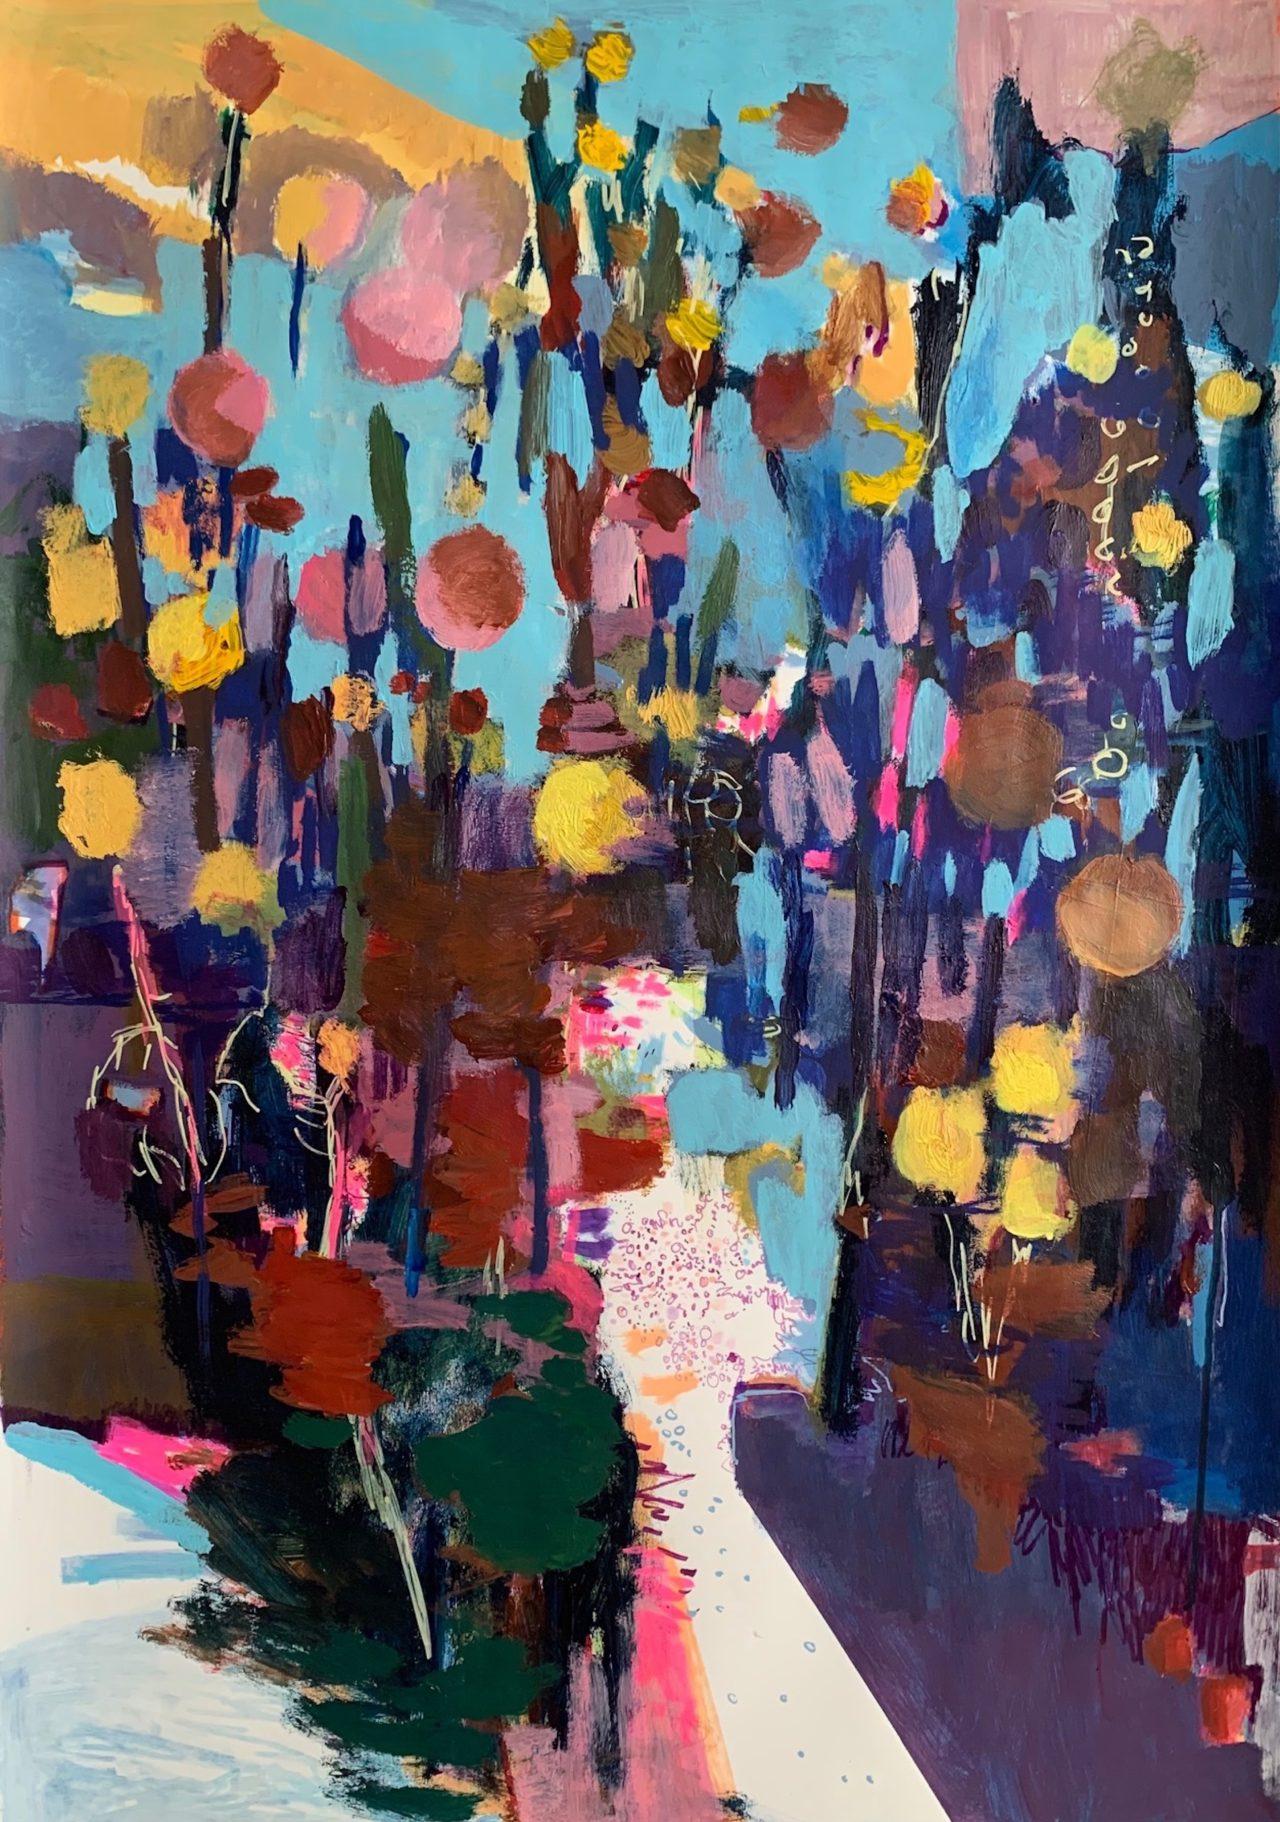 Hab Dank, 100 x 70 cm, Acryl, Tusche- und Lackstift auf Papier, 2021